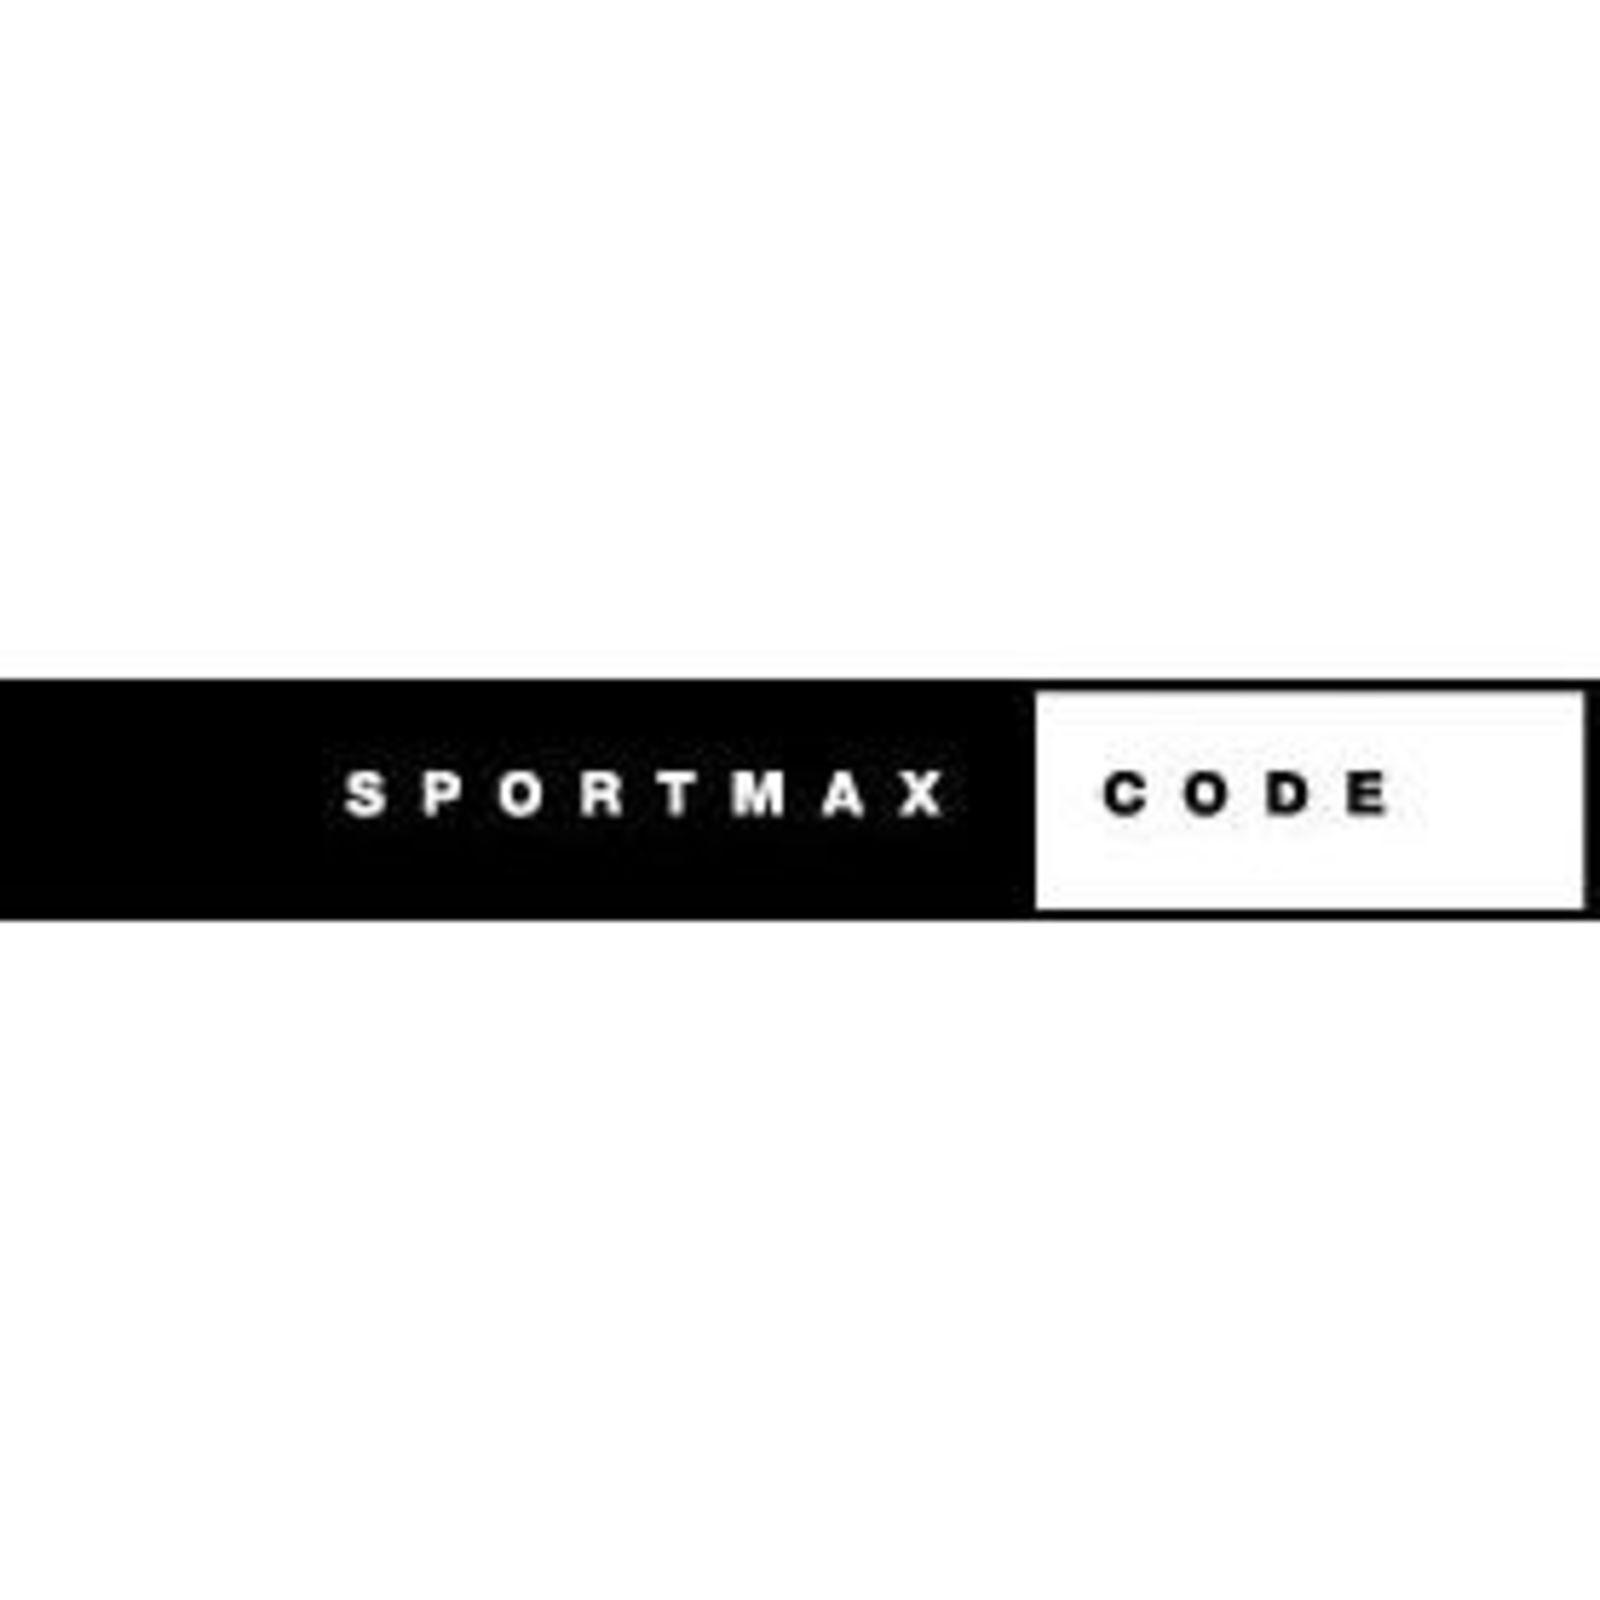 SPORTMAX CODE (Image 1)